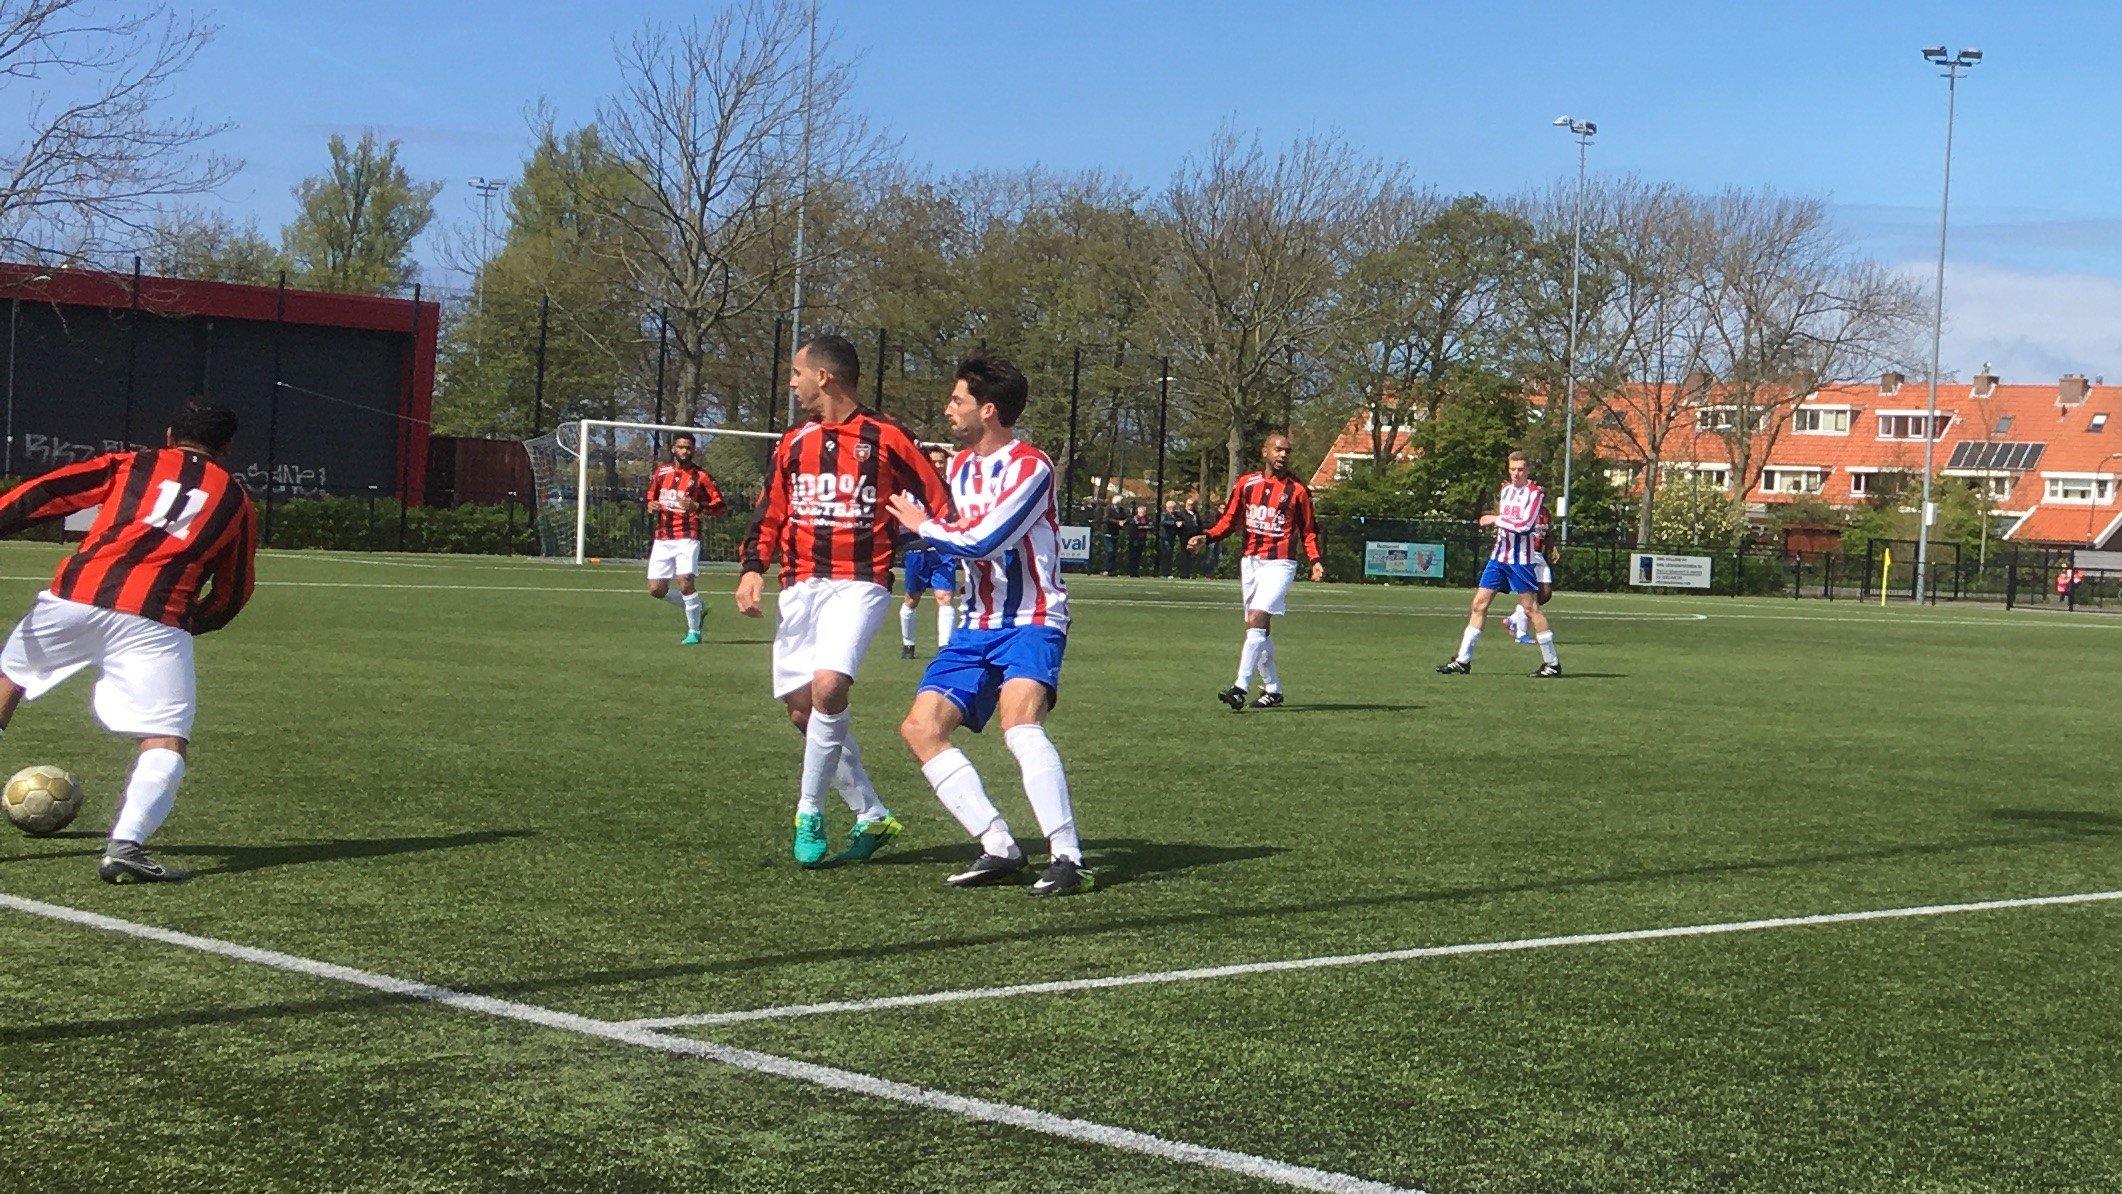 VVH - Voetbal in Haarlem